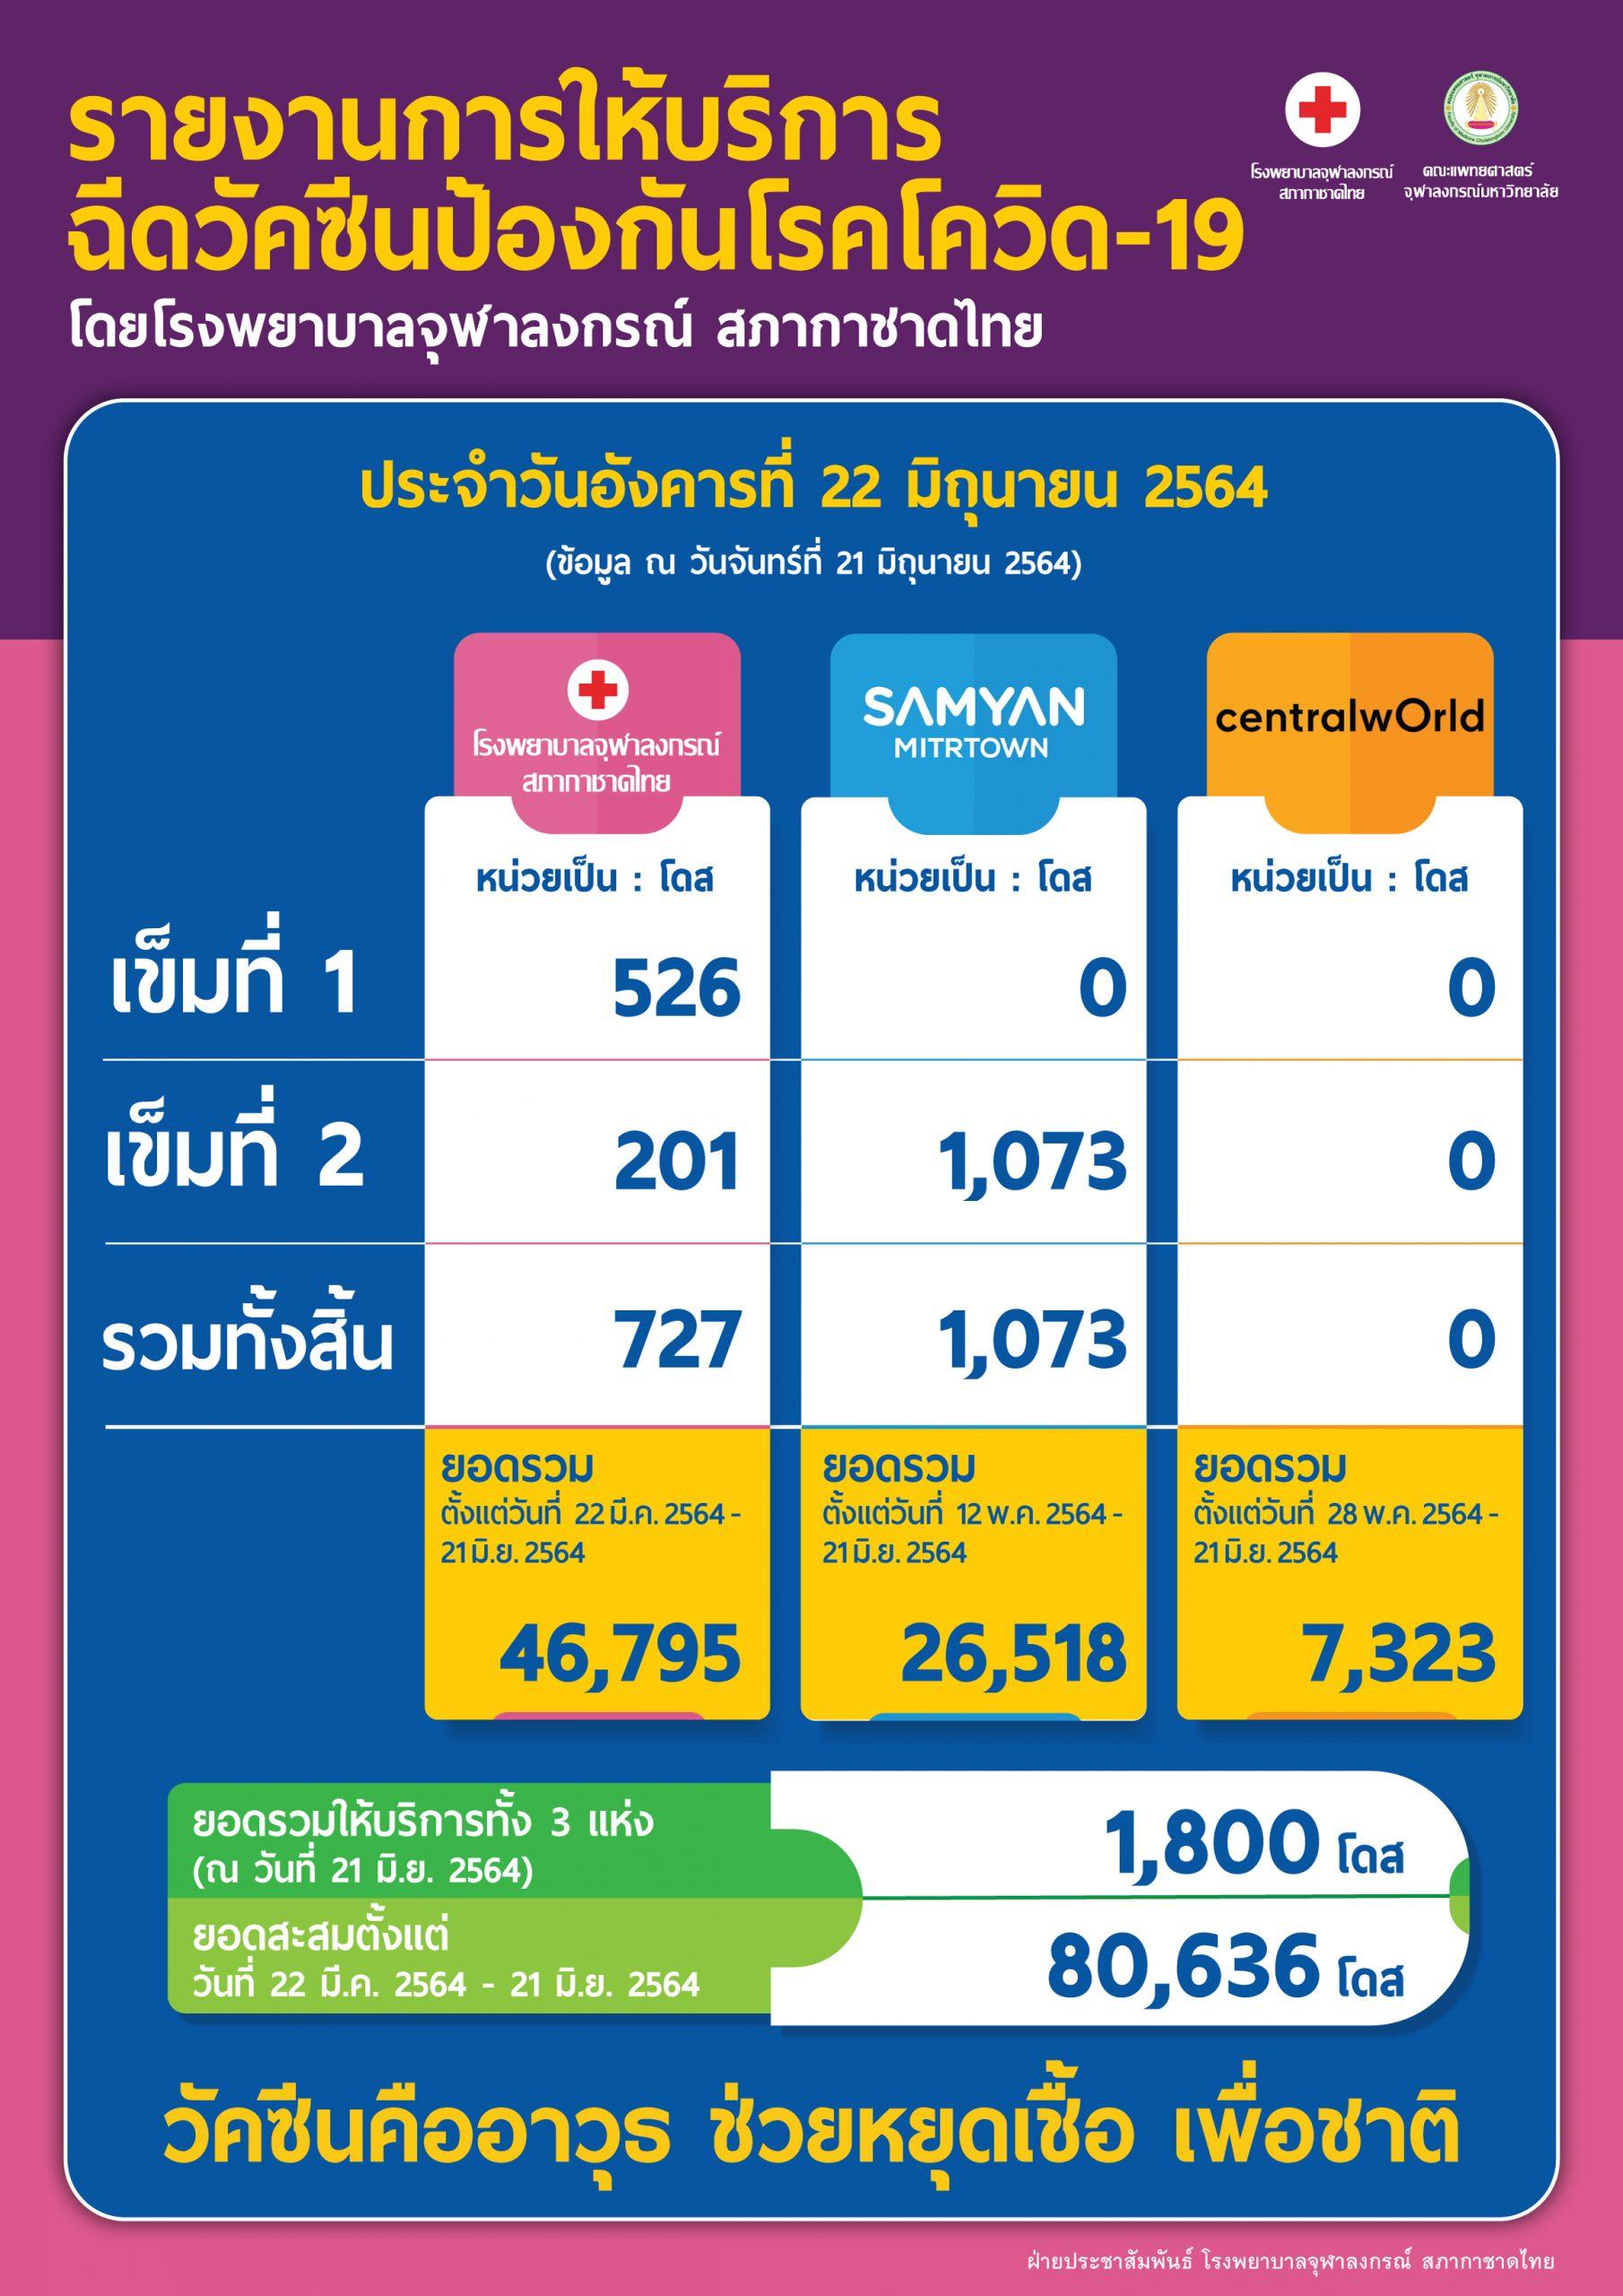 รายงานการให้บริการฉีดวัคซีนป้องกันโรคโควิด-19 โดยโรงพยาบาลจุฬาลงกรณ์ สภากาชาดไทย ประจำวันอังคารที่ 22 มิถุนายน 2564